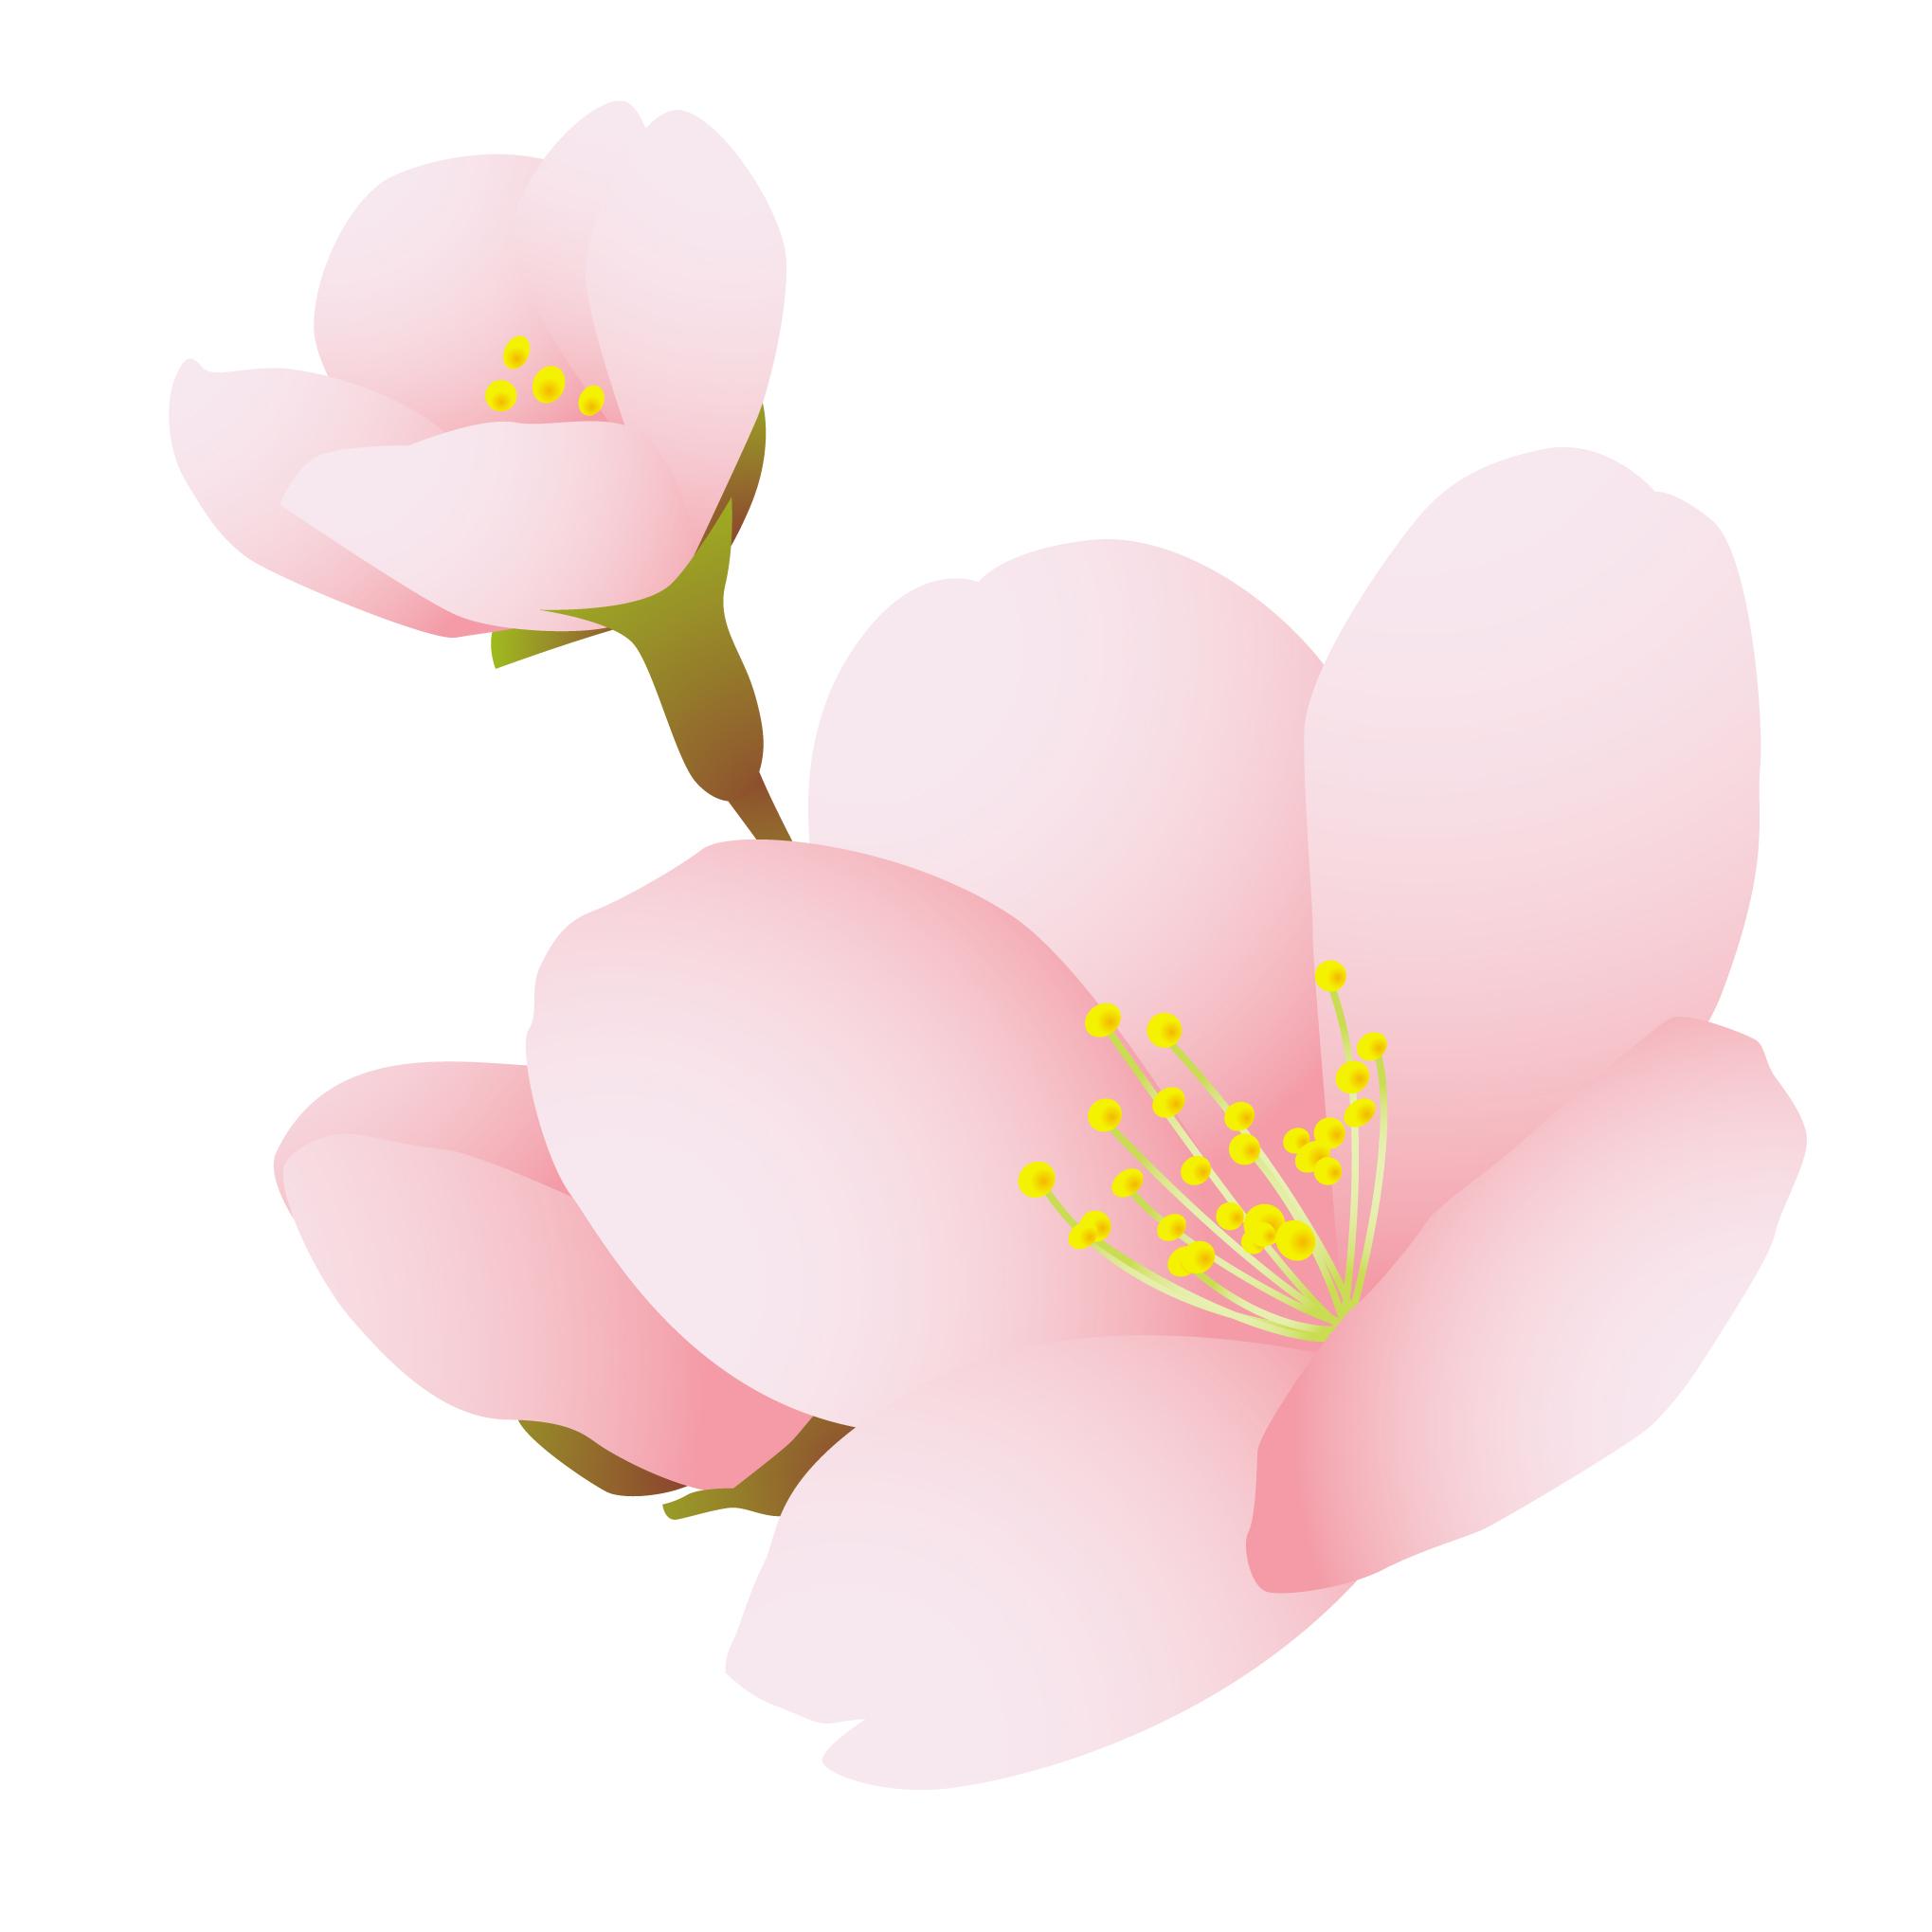 花のイラスト 無料 てつお使えるイラストぷらす : 【随時更新】和風な